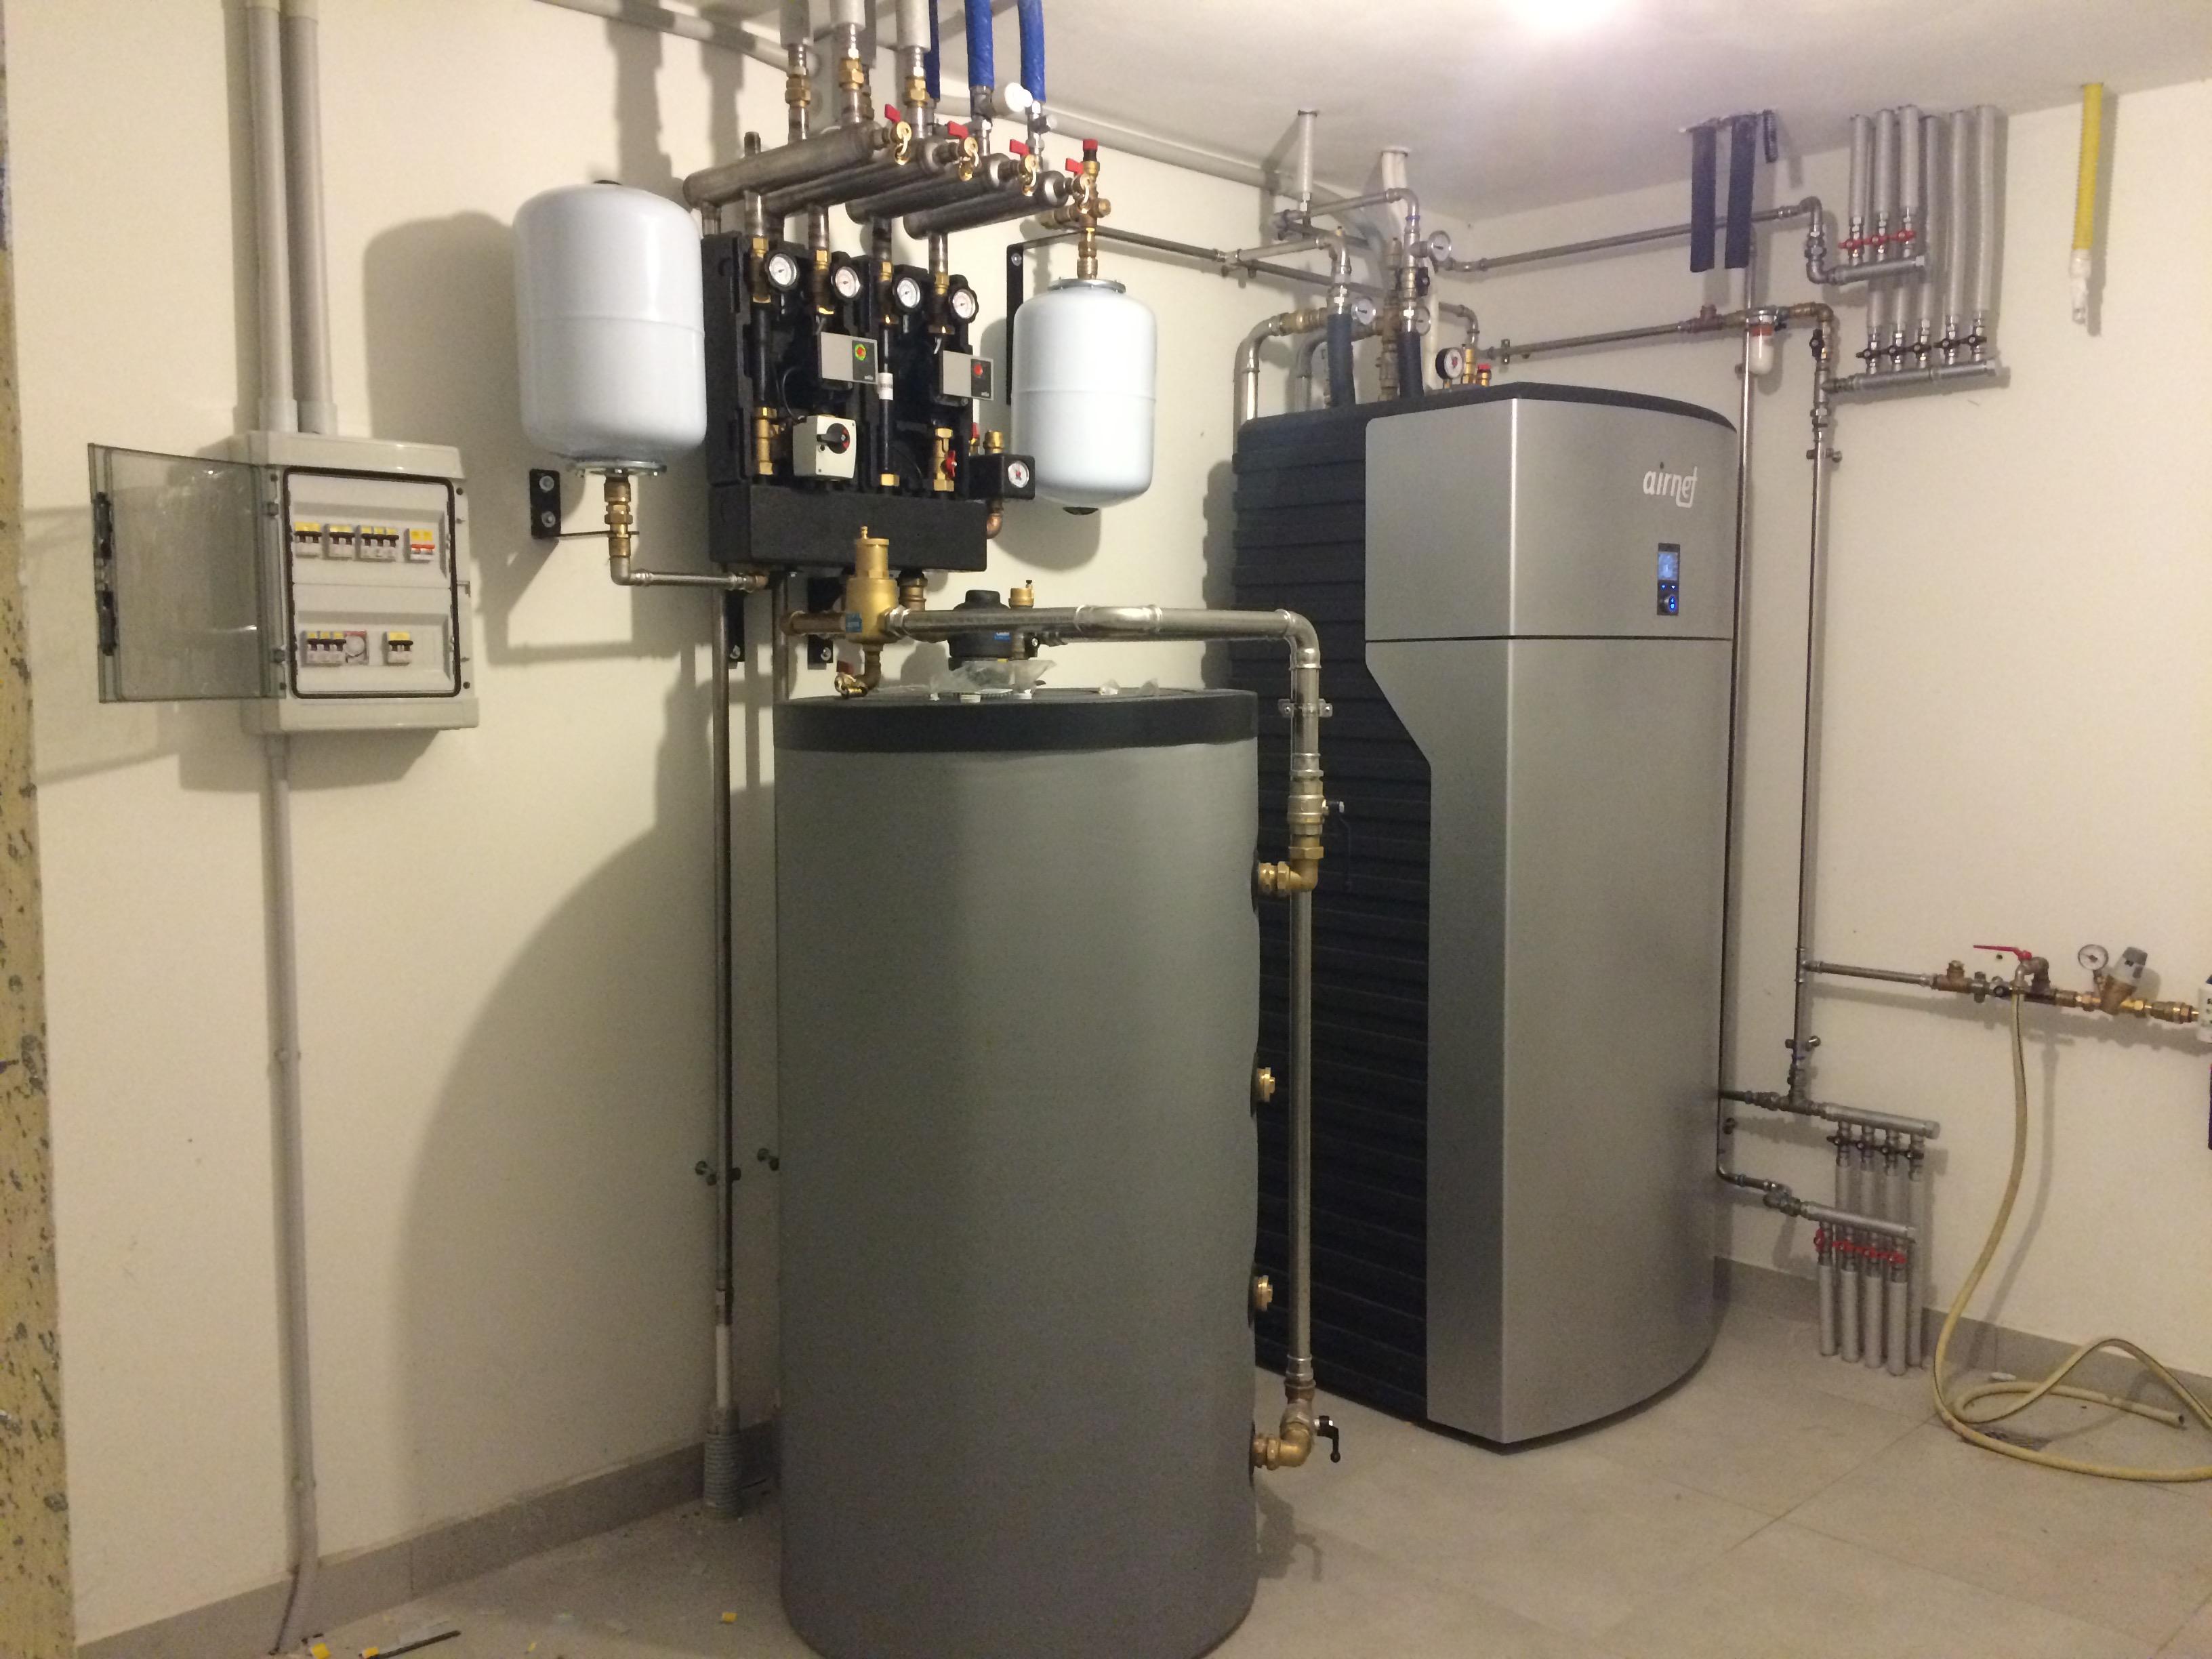 Pompa Di Calore Ventilconvettori abitazione privata | studio termotecnico gabrielli